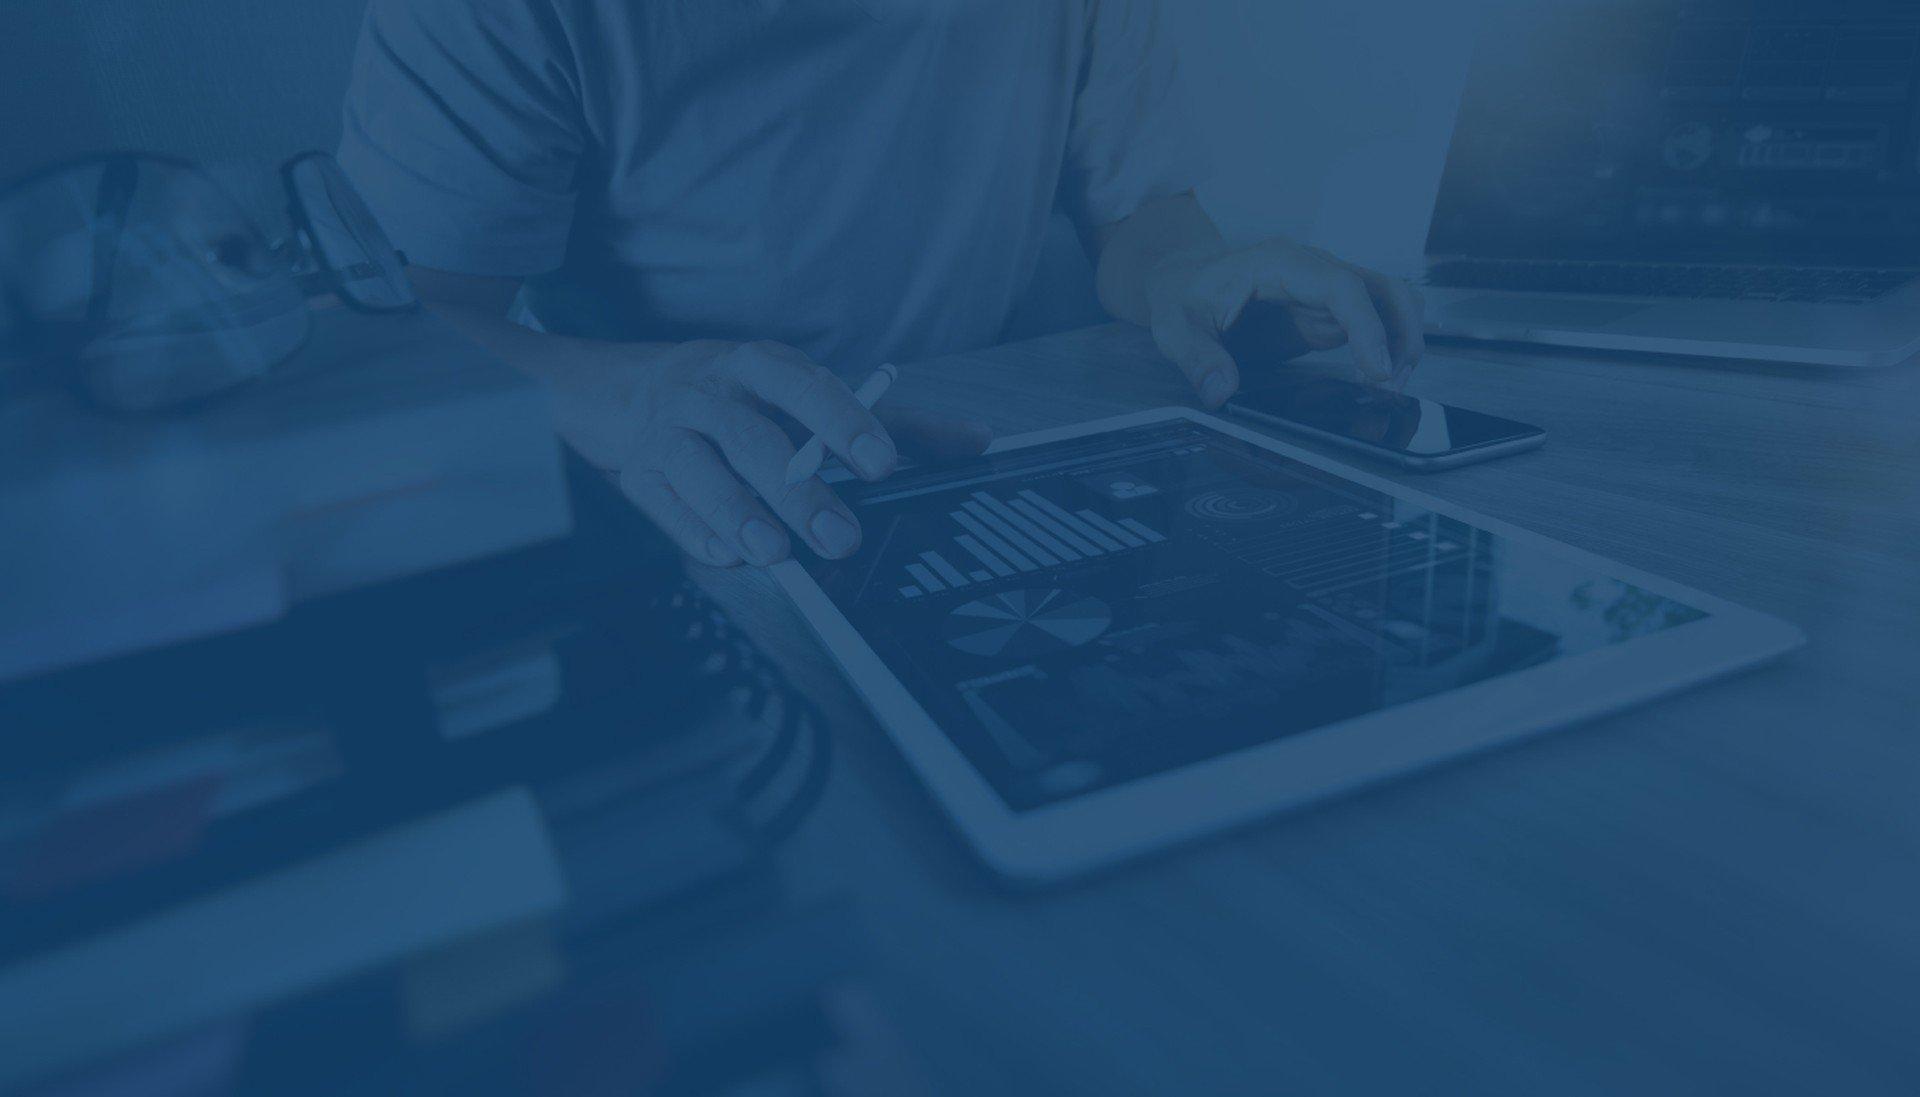 فاکتورهای تخصصی سئو در طراحی سایت